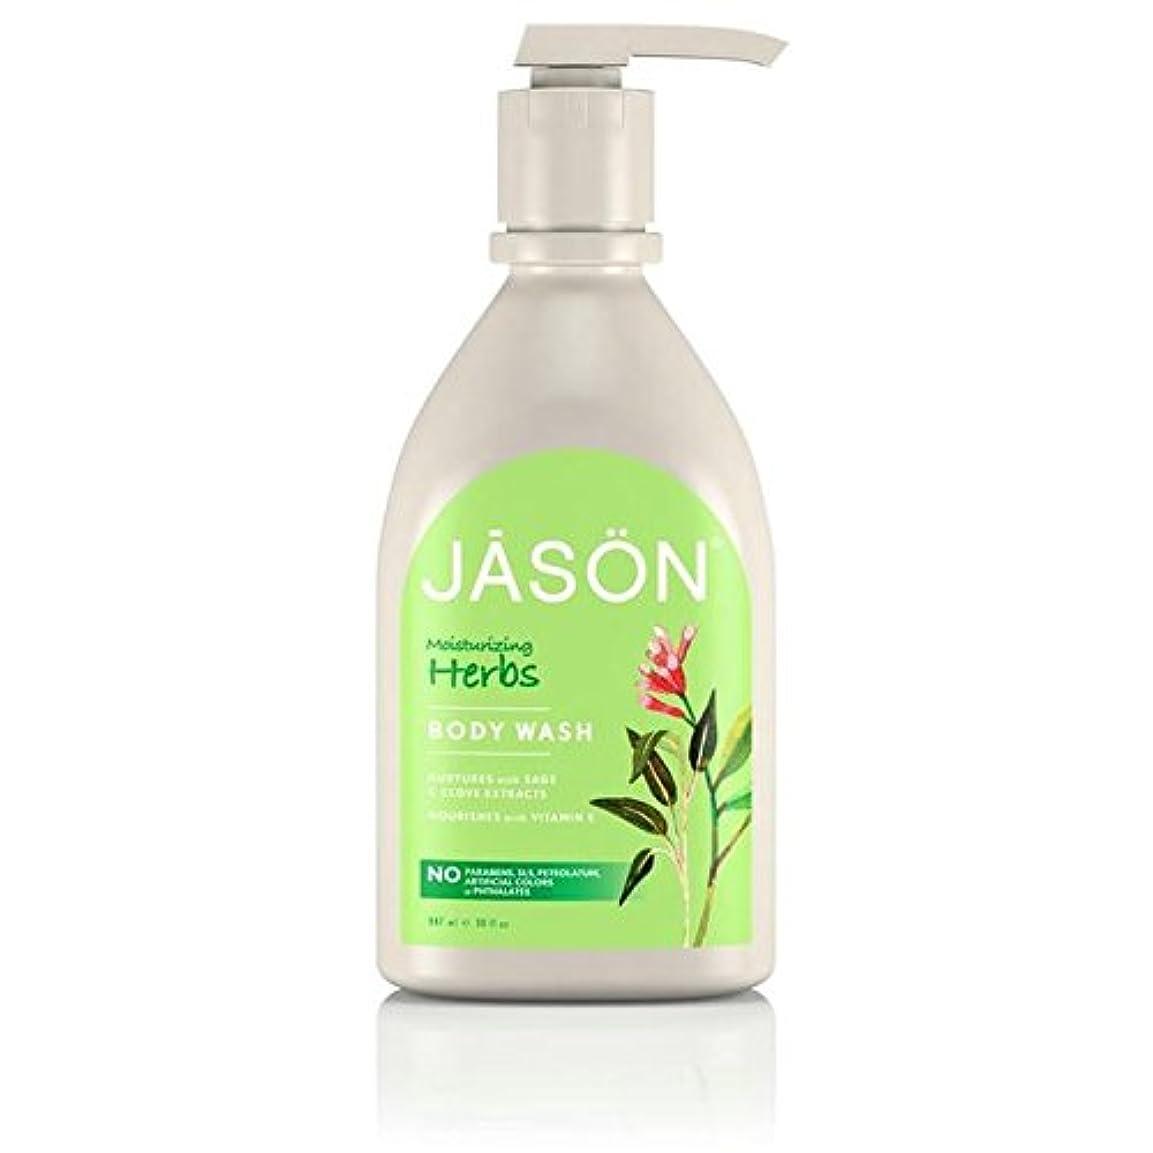 つらい塩再編成するジェイソン?ハーブサテンボディウォッシュポンプ900ミリリットル x4 - Jason Herbal Satin Body Wash Pump 900ml (Pack of 4) [並行輸入品]